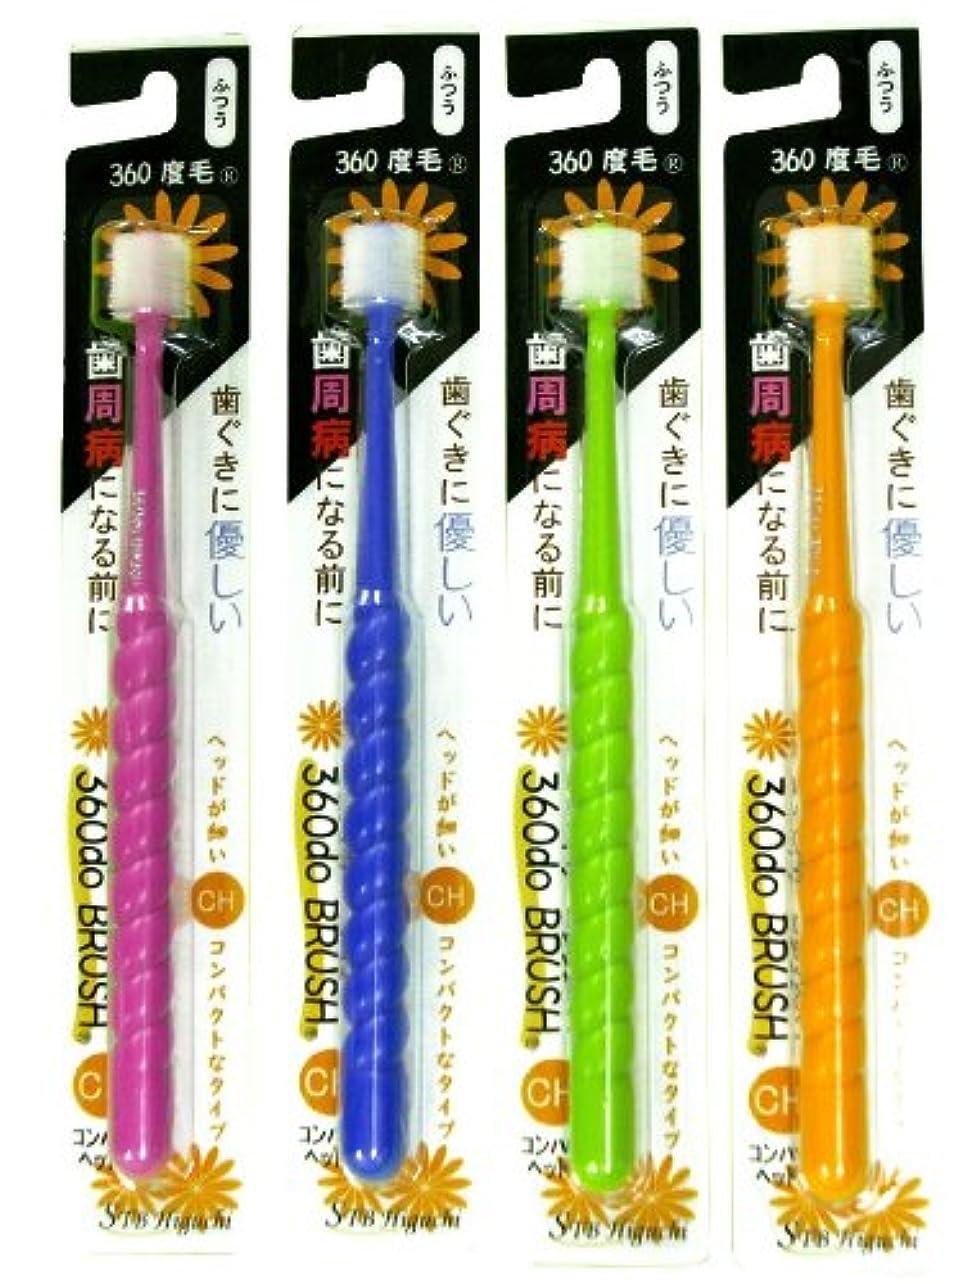 360度歯ブラシ 360do BRUSH コンパクトヘッド(CH)(カラーは1色おまかせ)